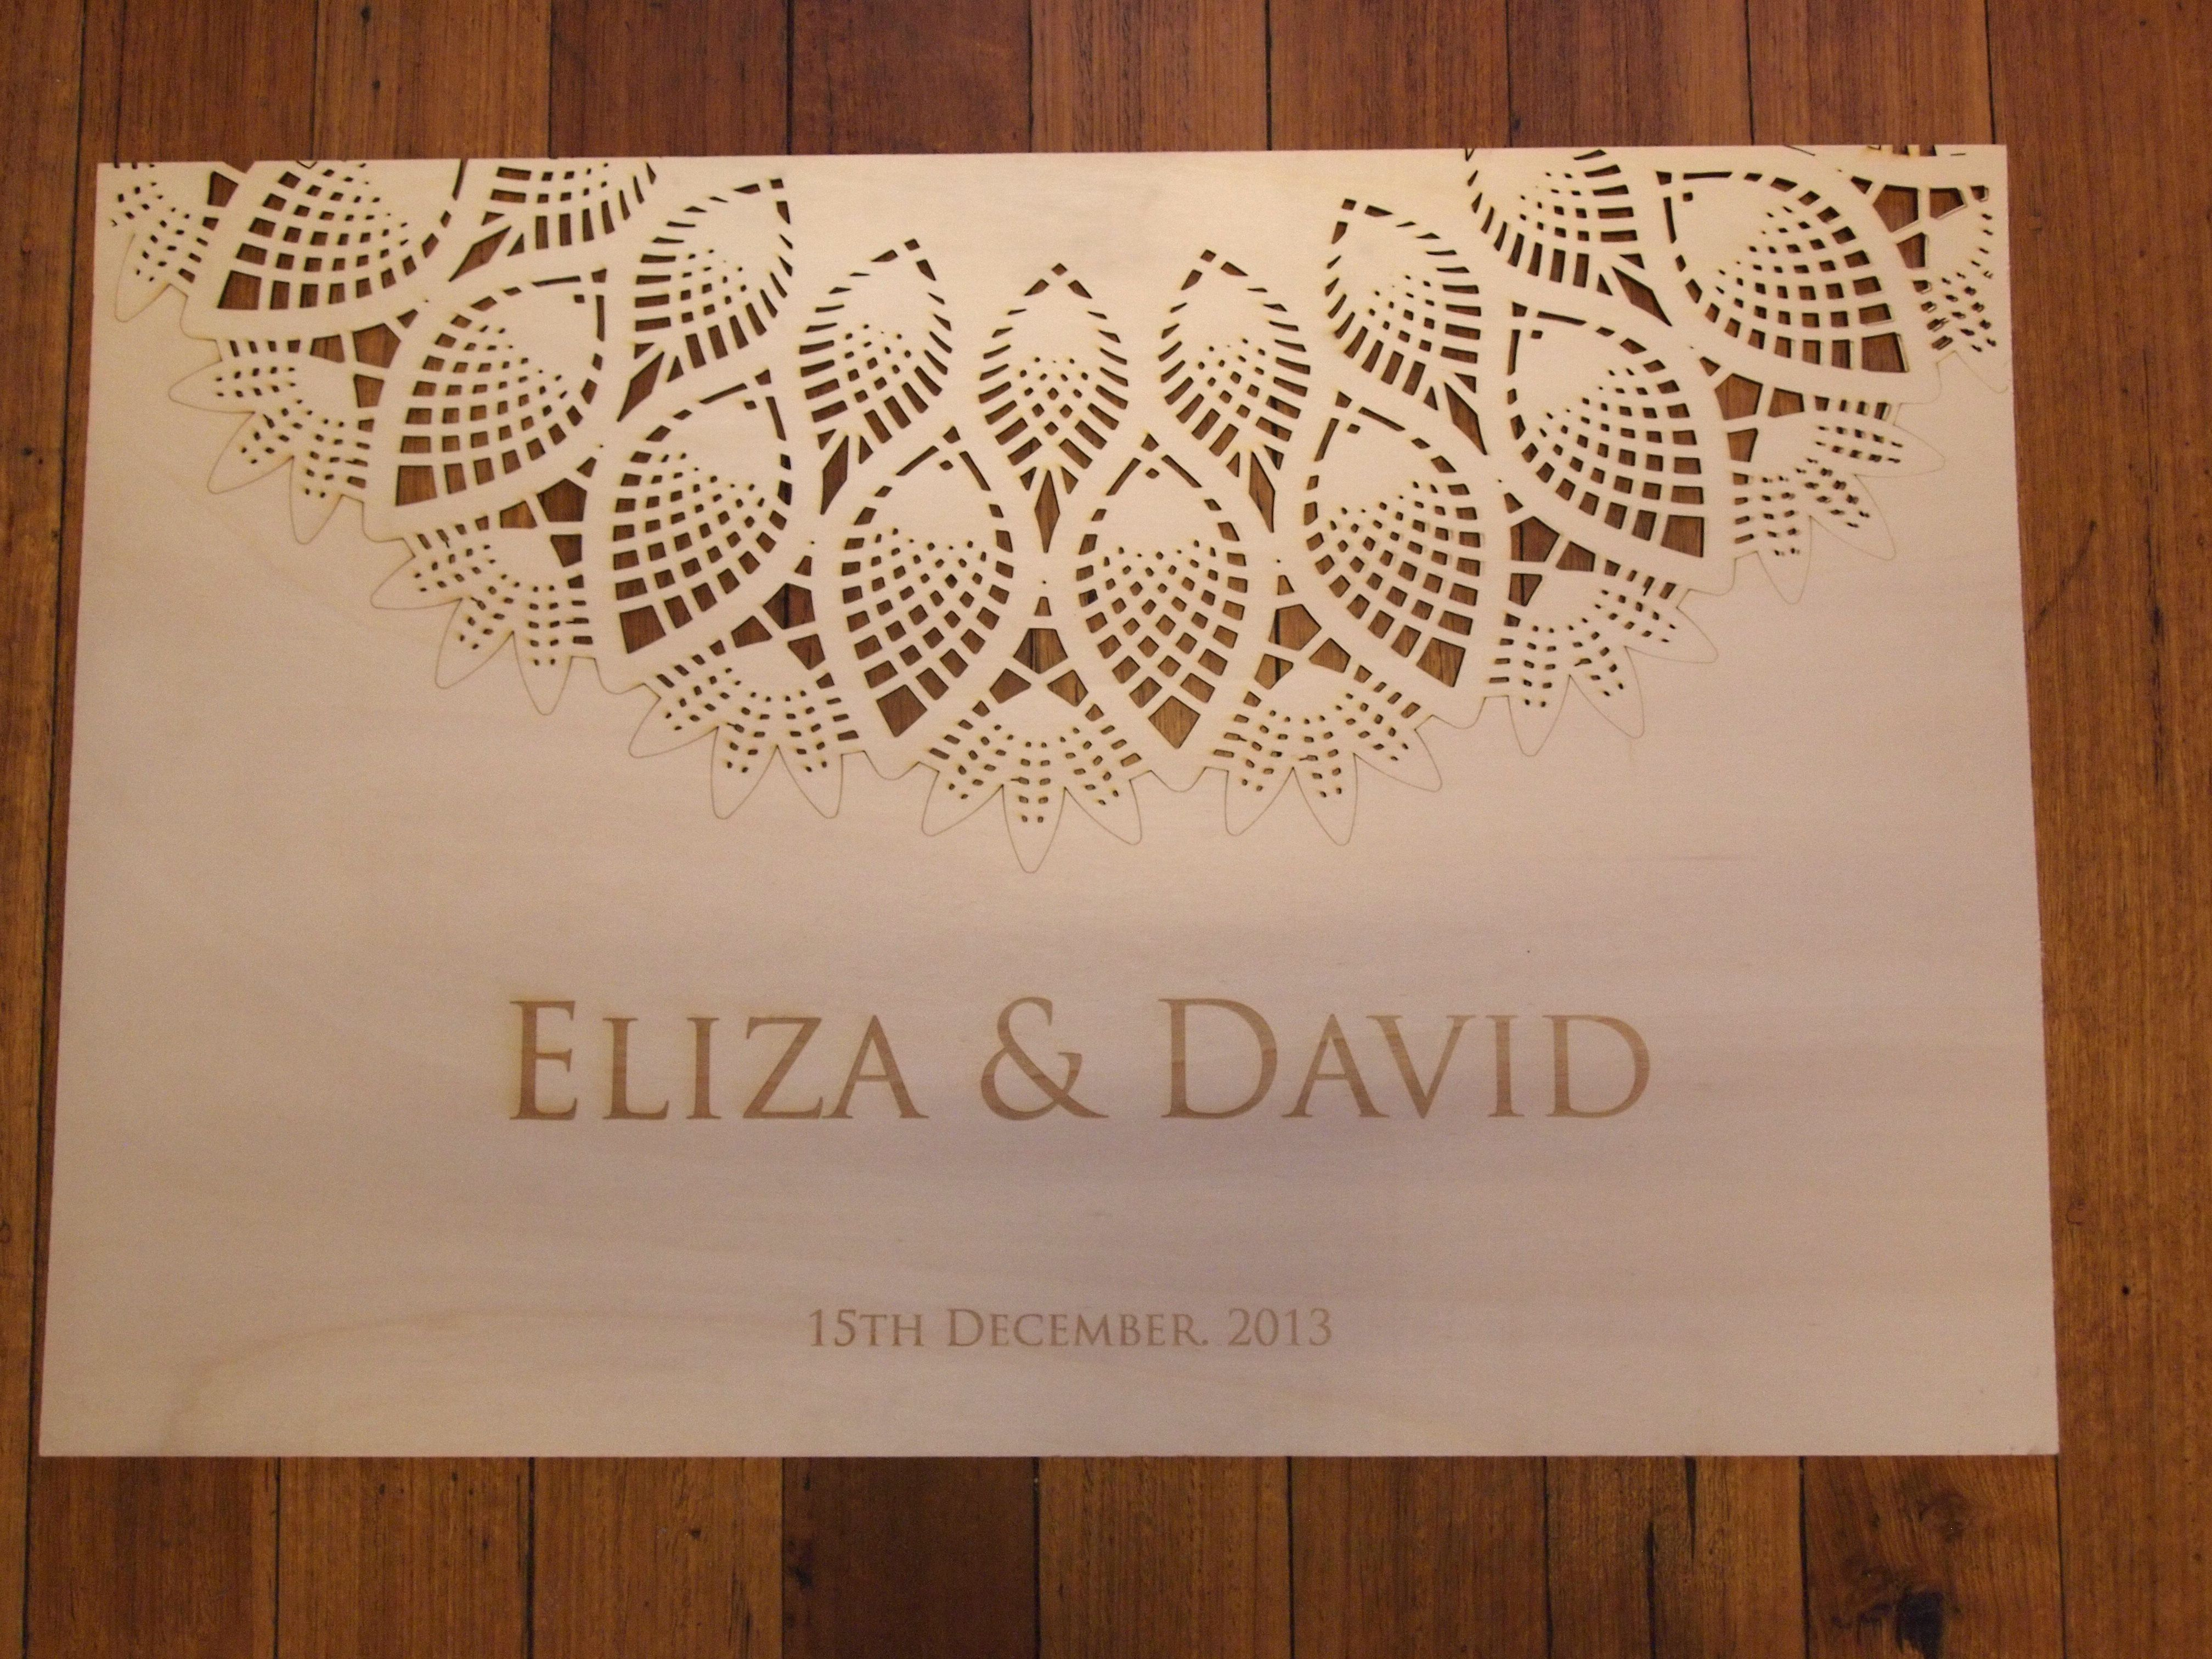 Wedding Signage Stationery Http Www Clicweddinginvitations Laser Cut